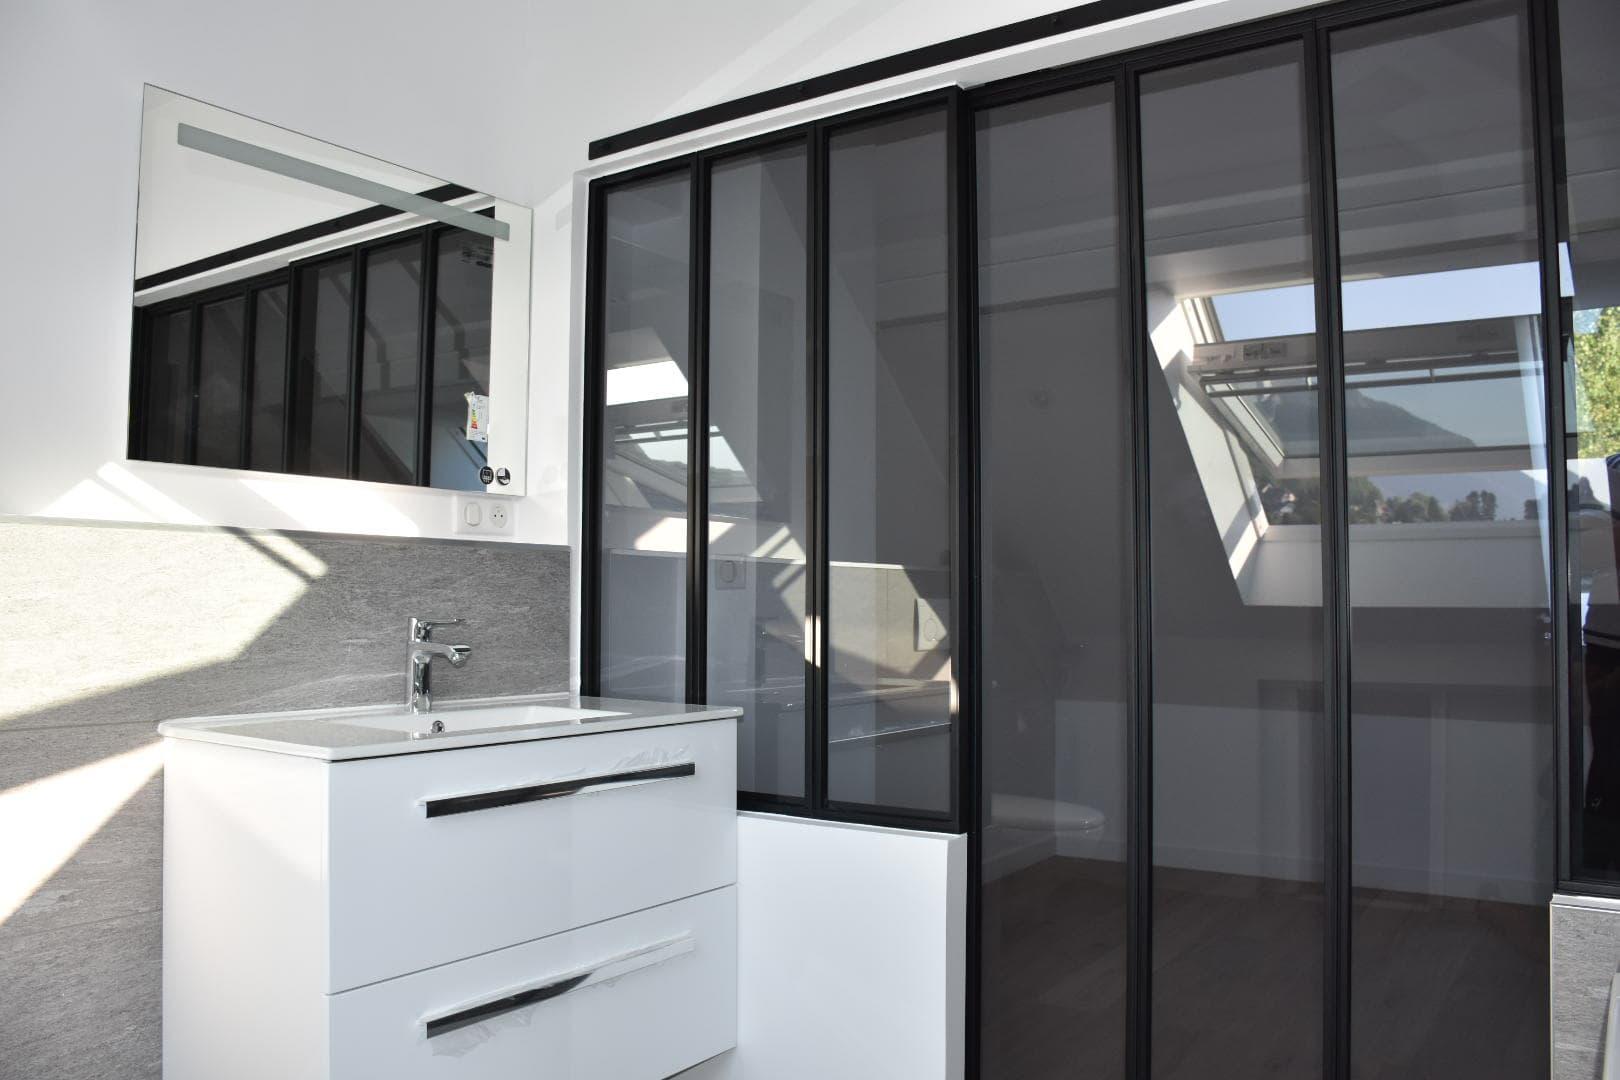 Verrière de salle de bain + porte coulissante ROBI Annecy (74)7